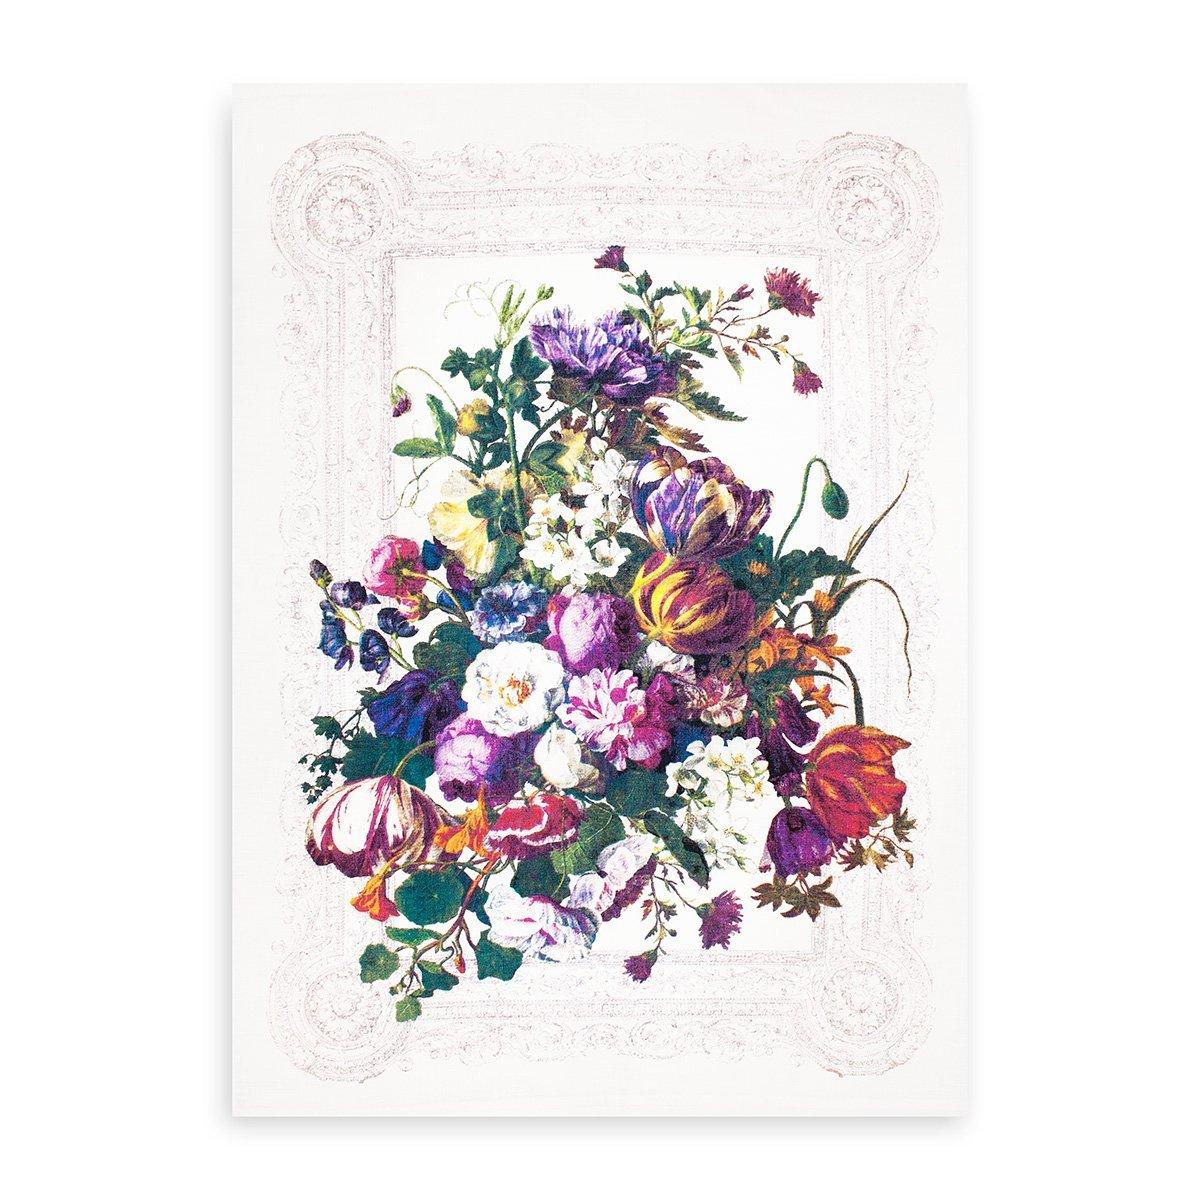 Полотенце льняное (50x70) 09с93 Цветочный натюрморт